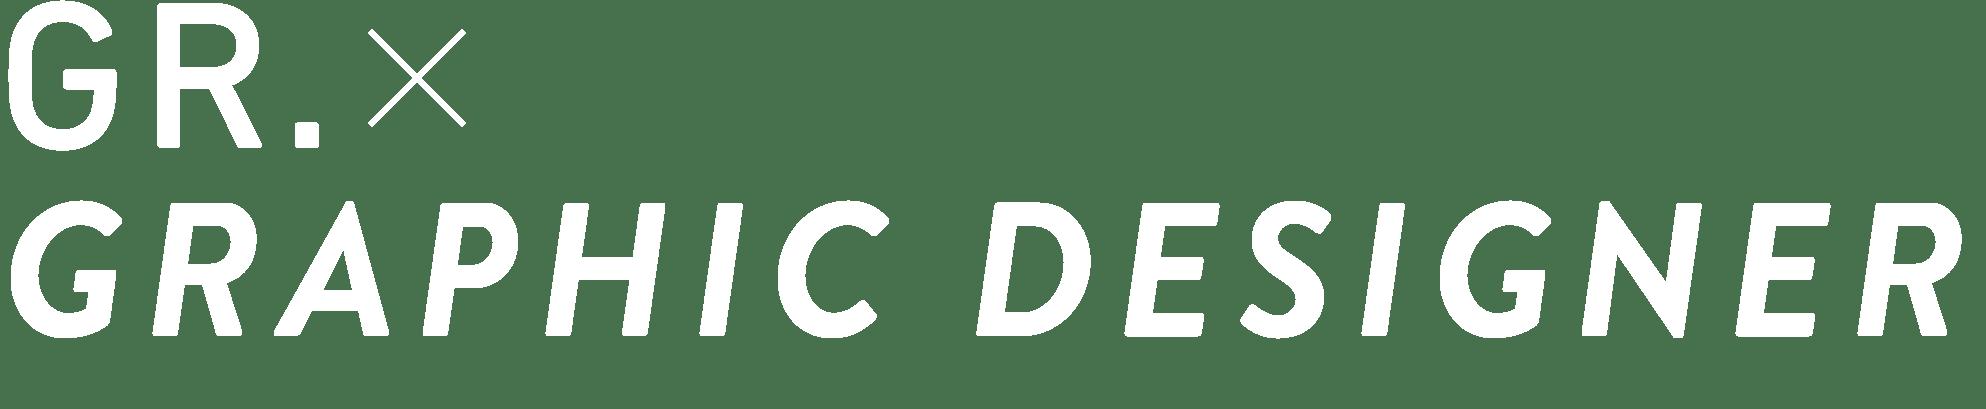 GR.×GRAPHIC DESIGNER